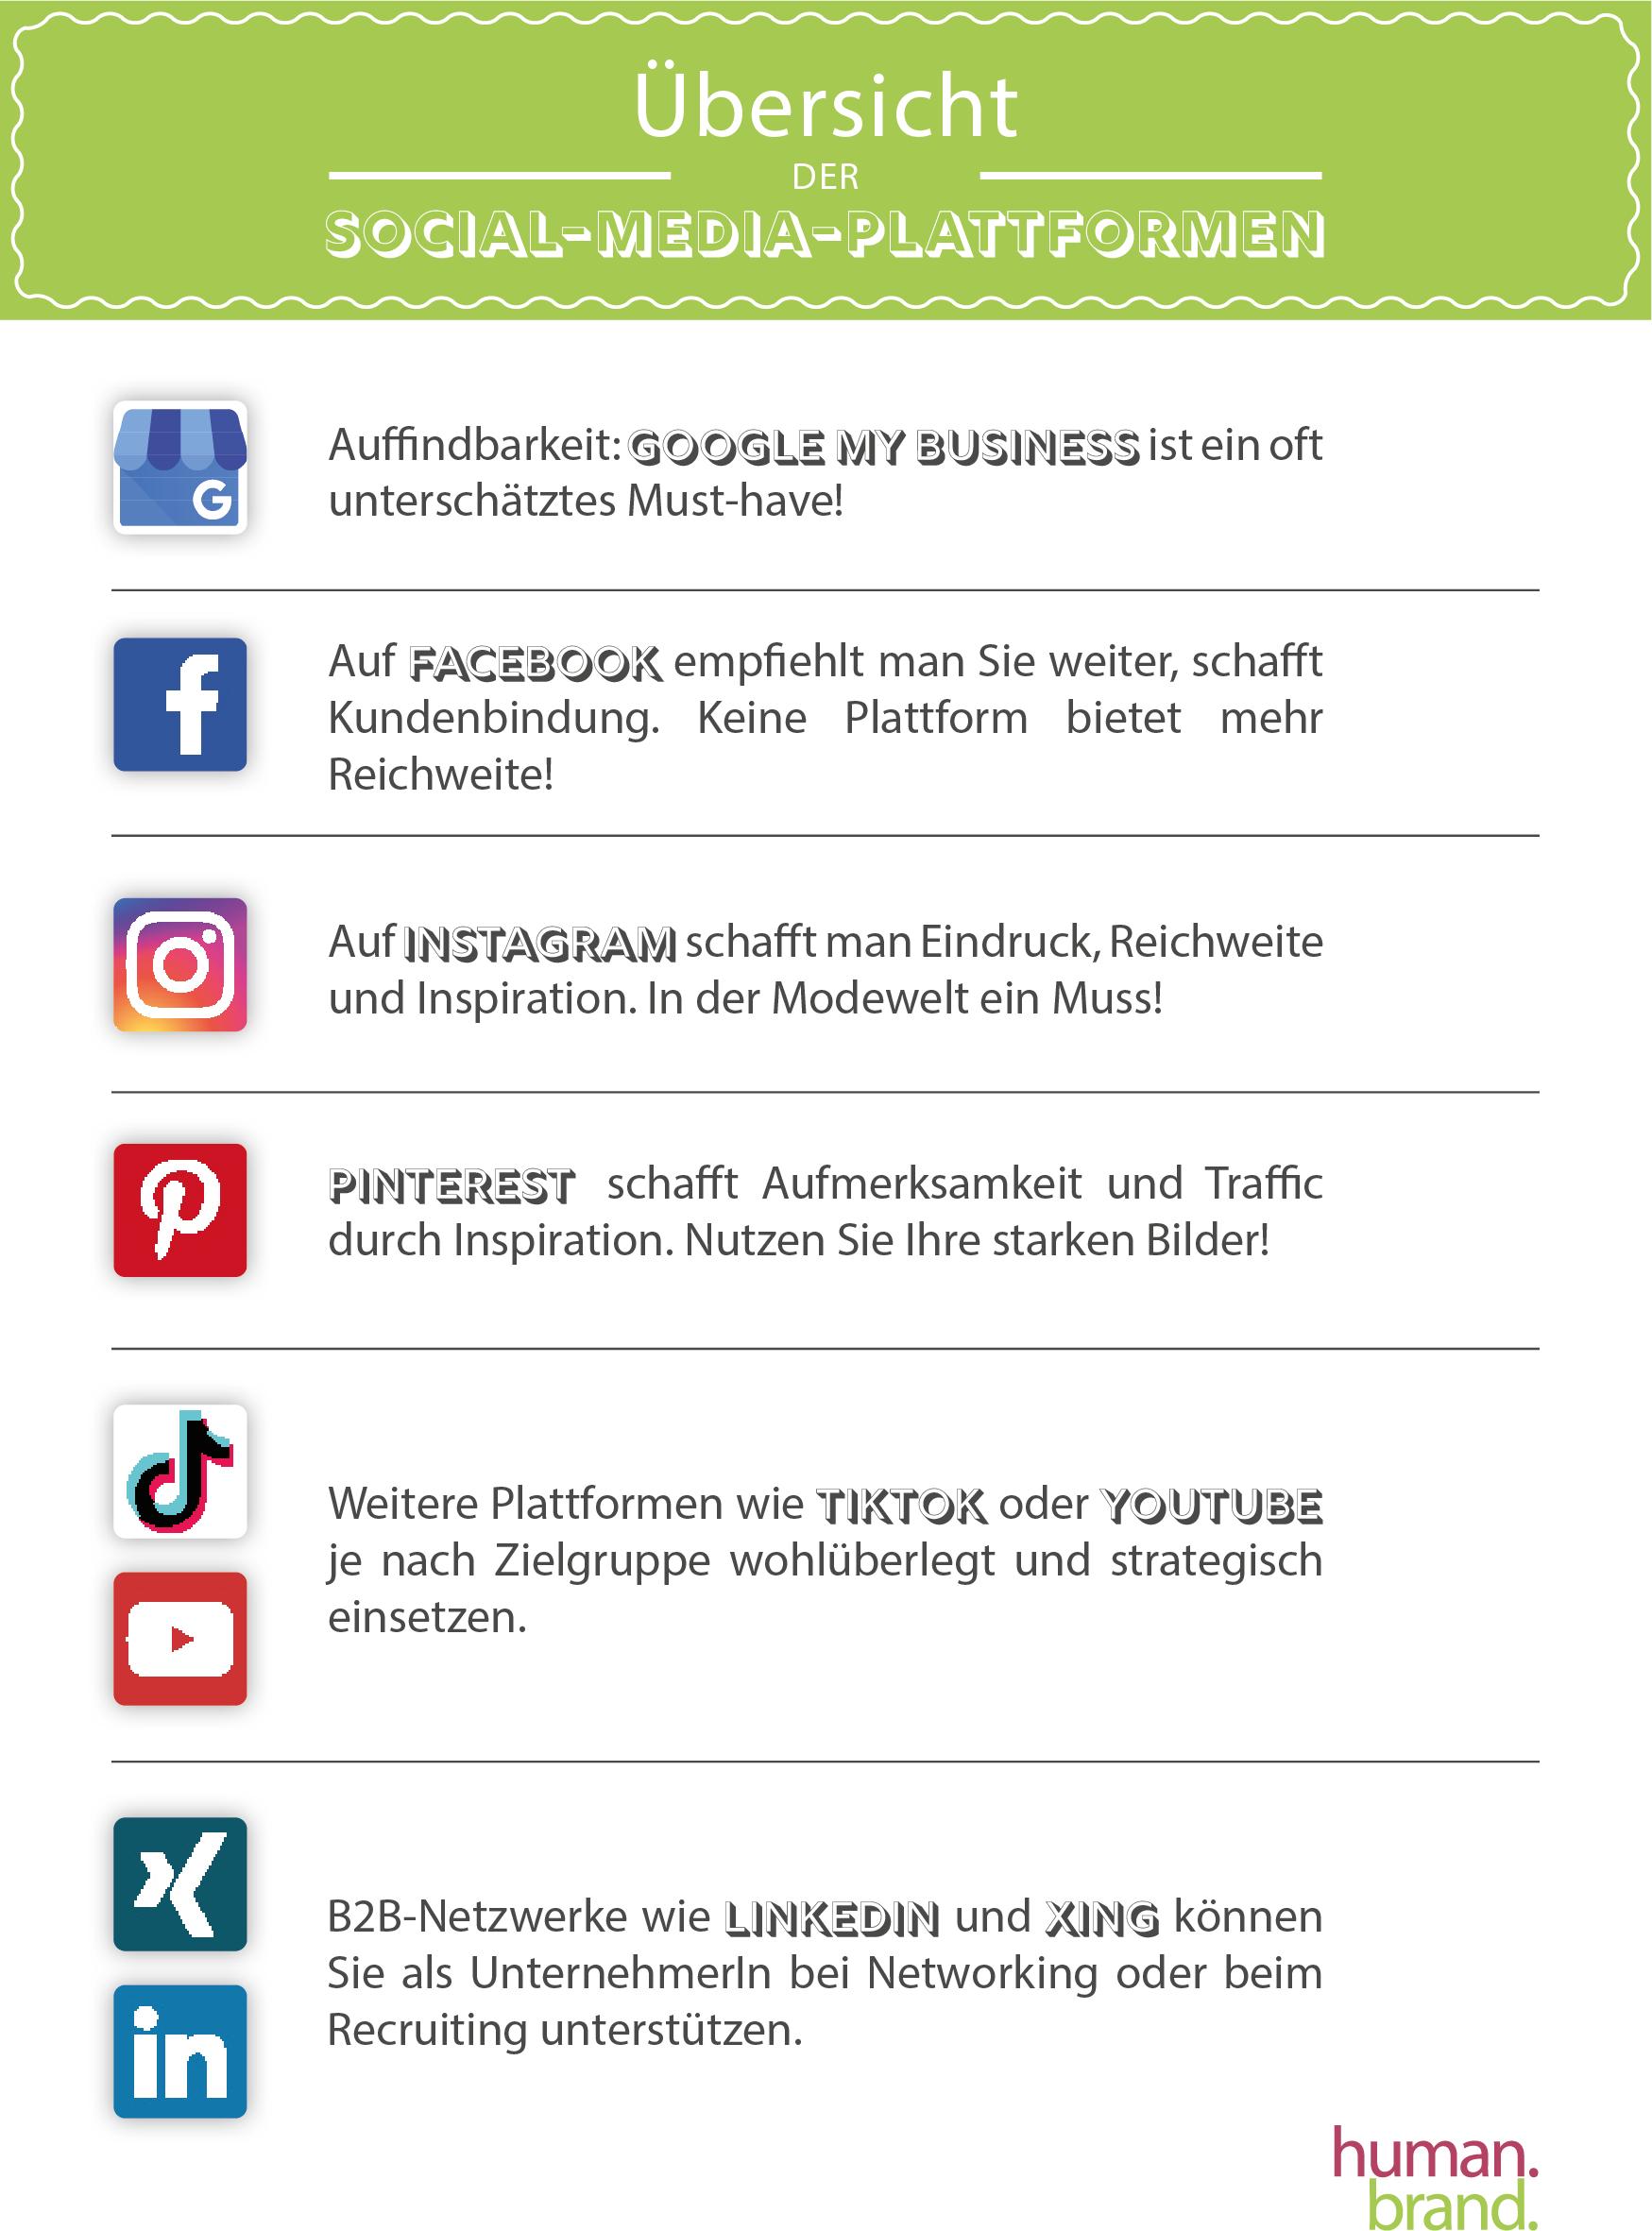 Social-Media-Plattformübersicht